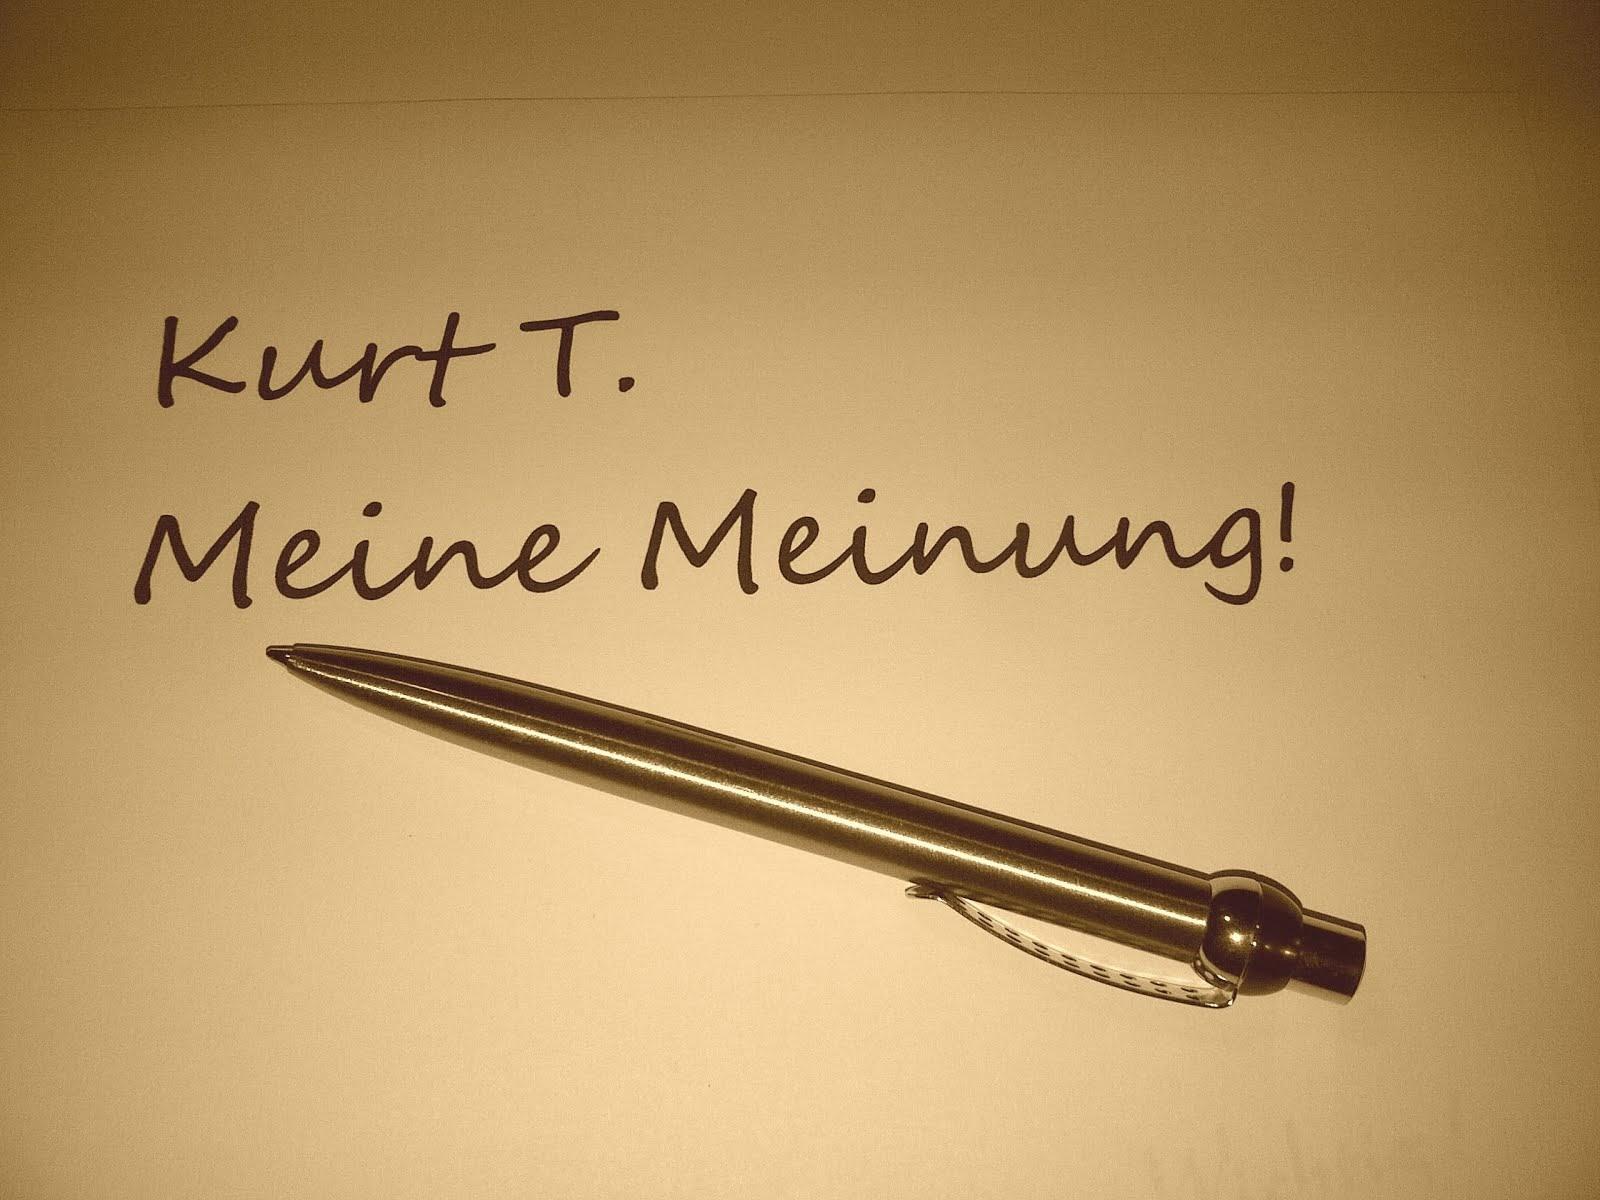 Kurt T.